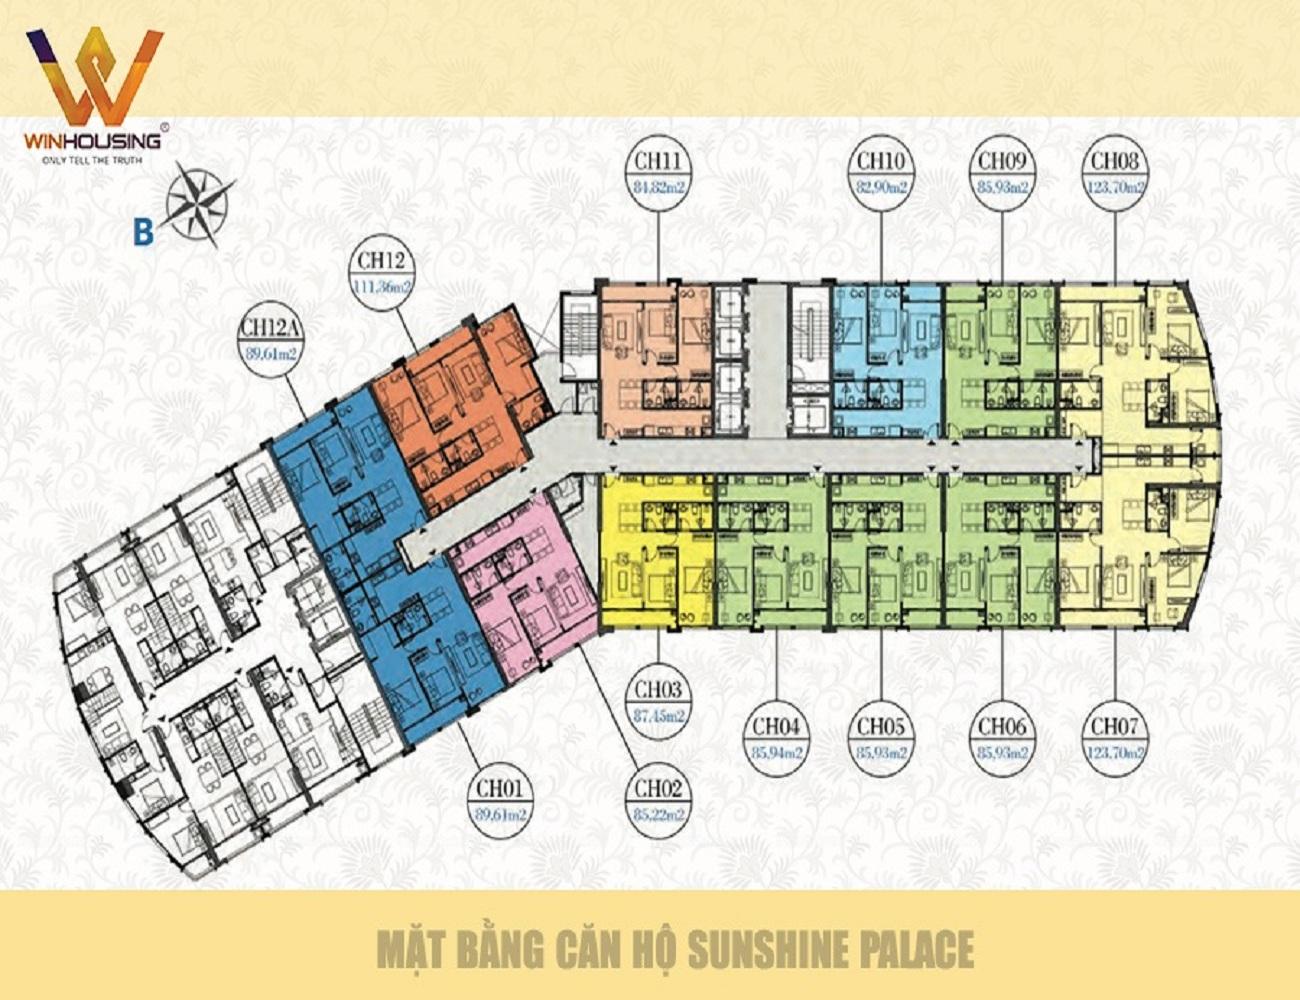 mat-bang-can-ho-sunshine-palace